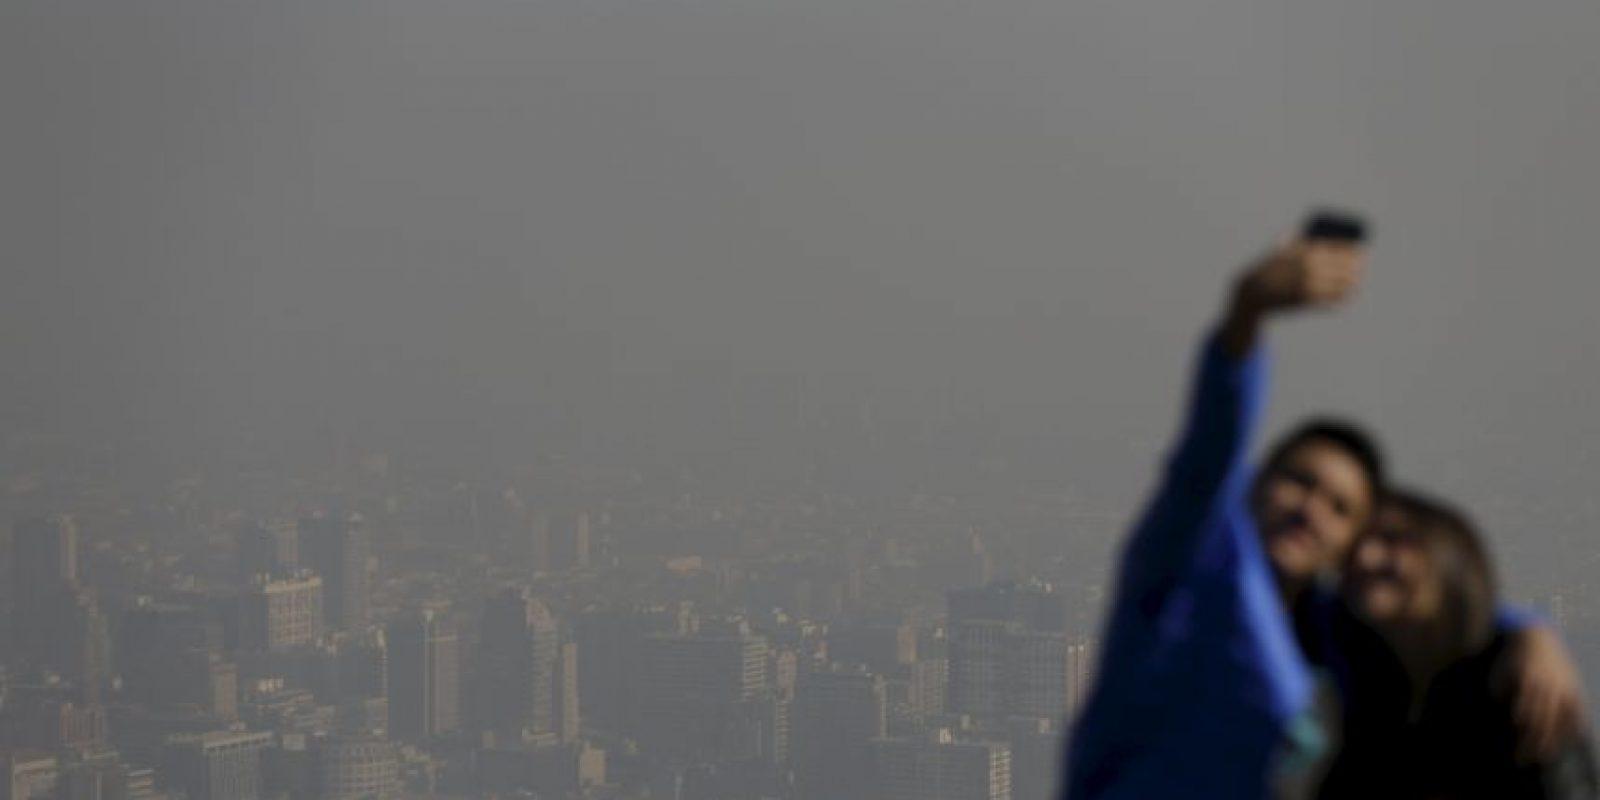 La emergencia ambiental se aprecia mejor desde los cerros que rodean a la capital. Foto:AP